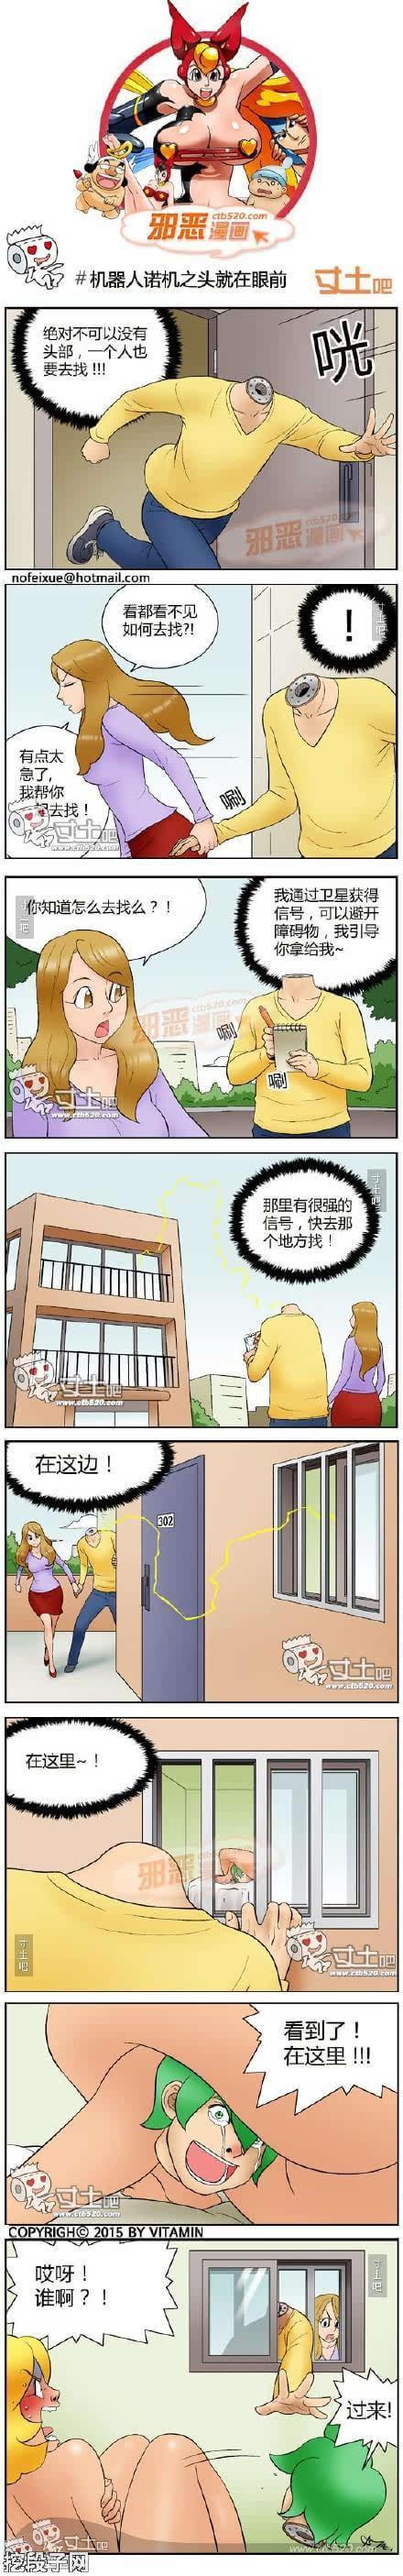 日本超级色的邪恶漫画_《邪恶漫画》机器人诺机之就在眼前